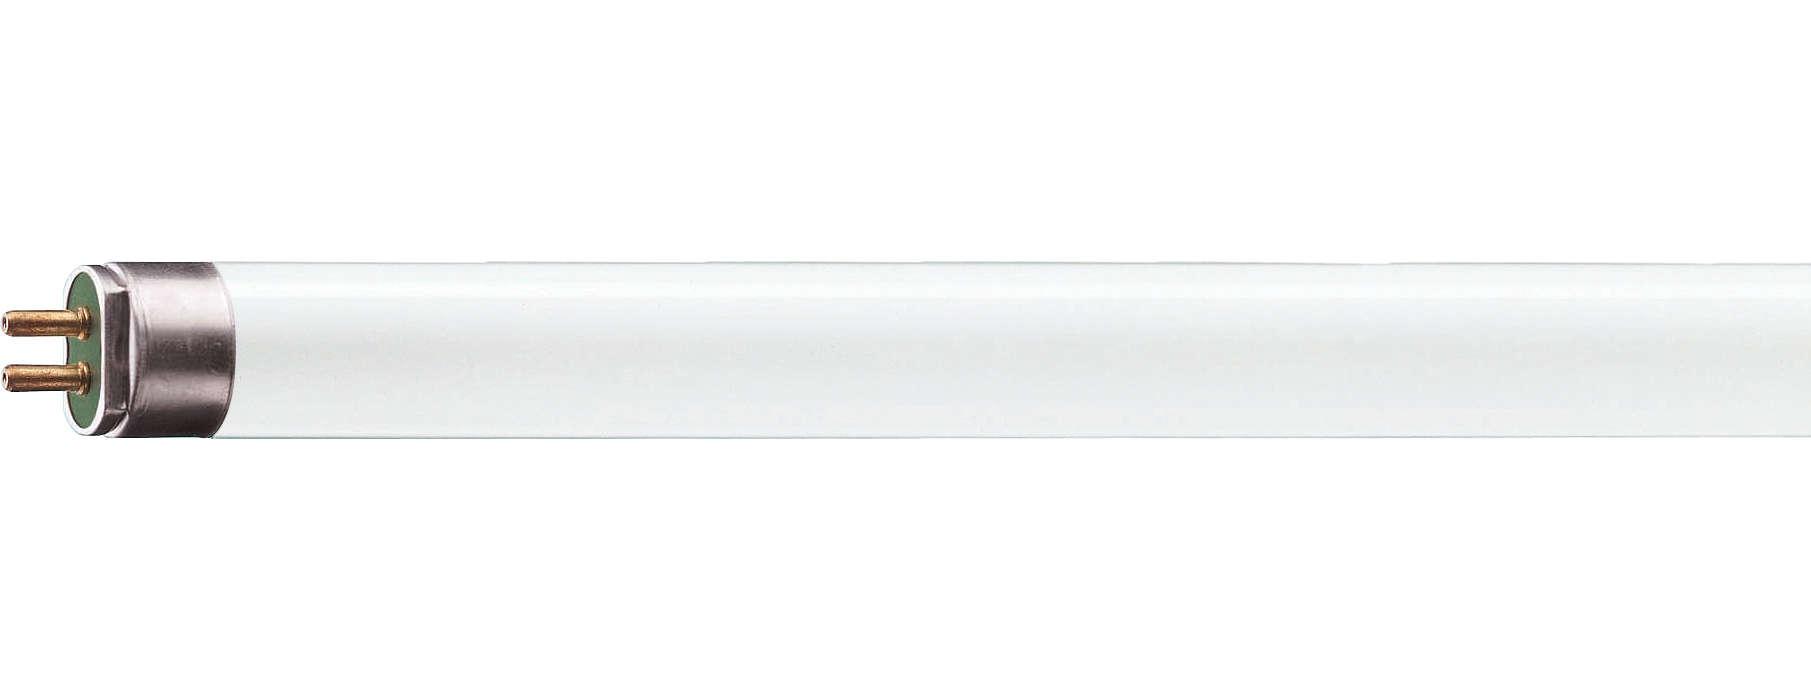 Iluminação fluorescente de longa duração